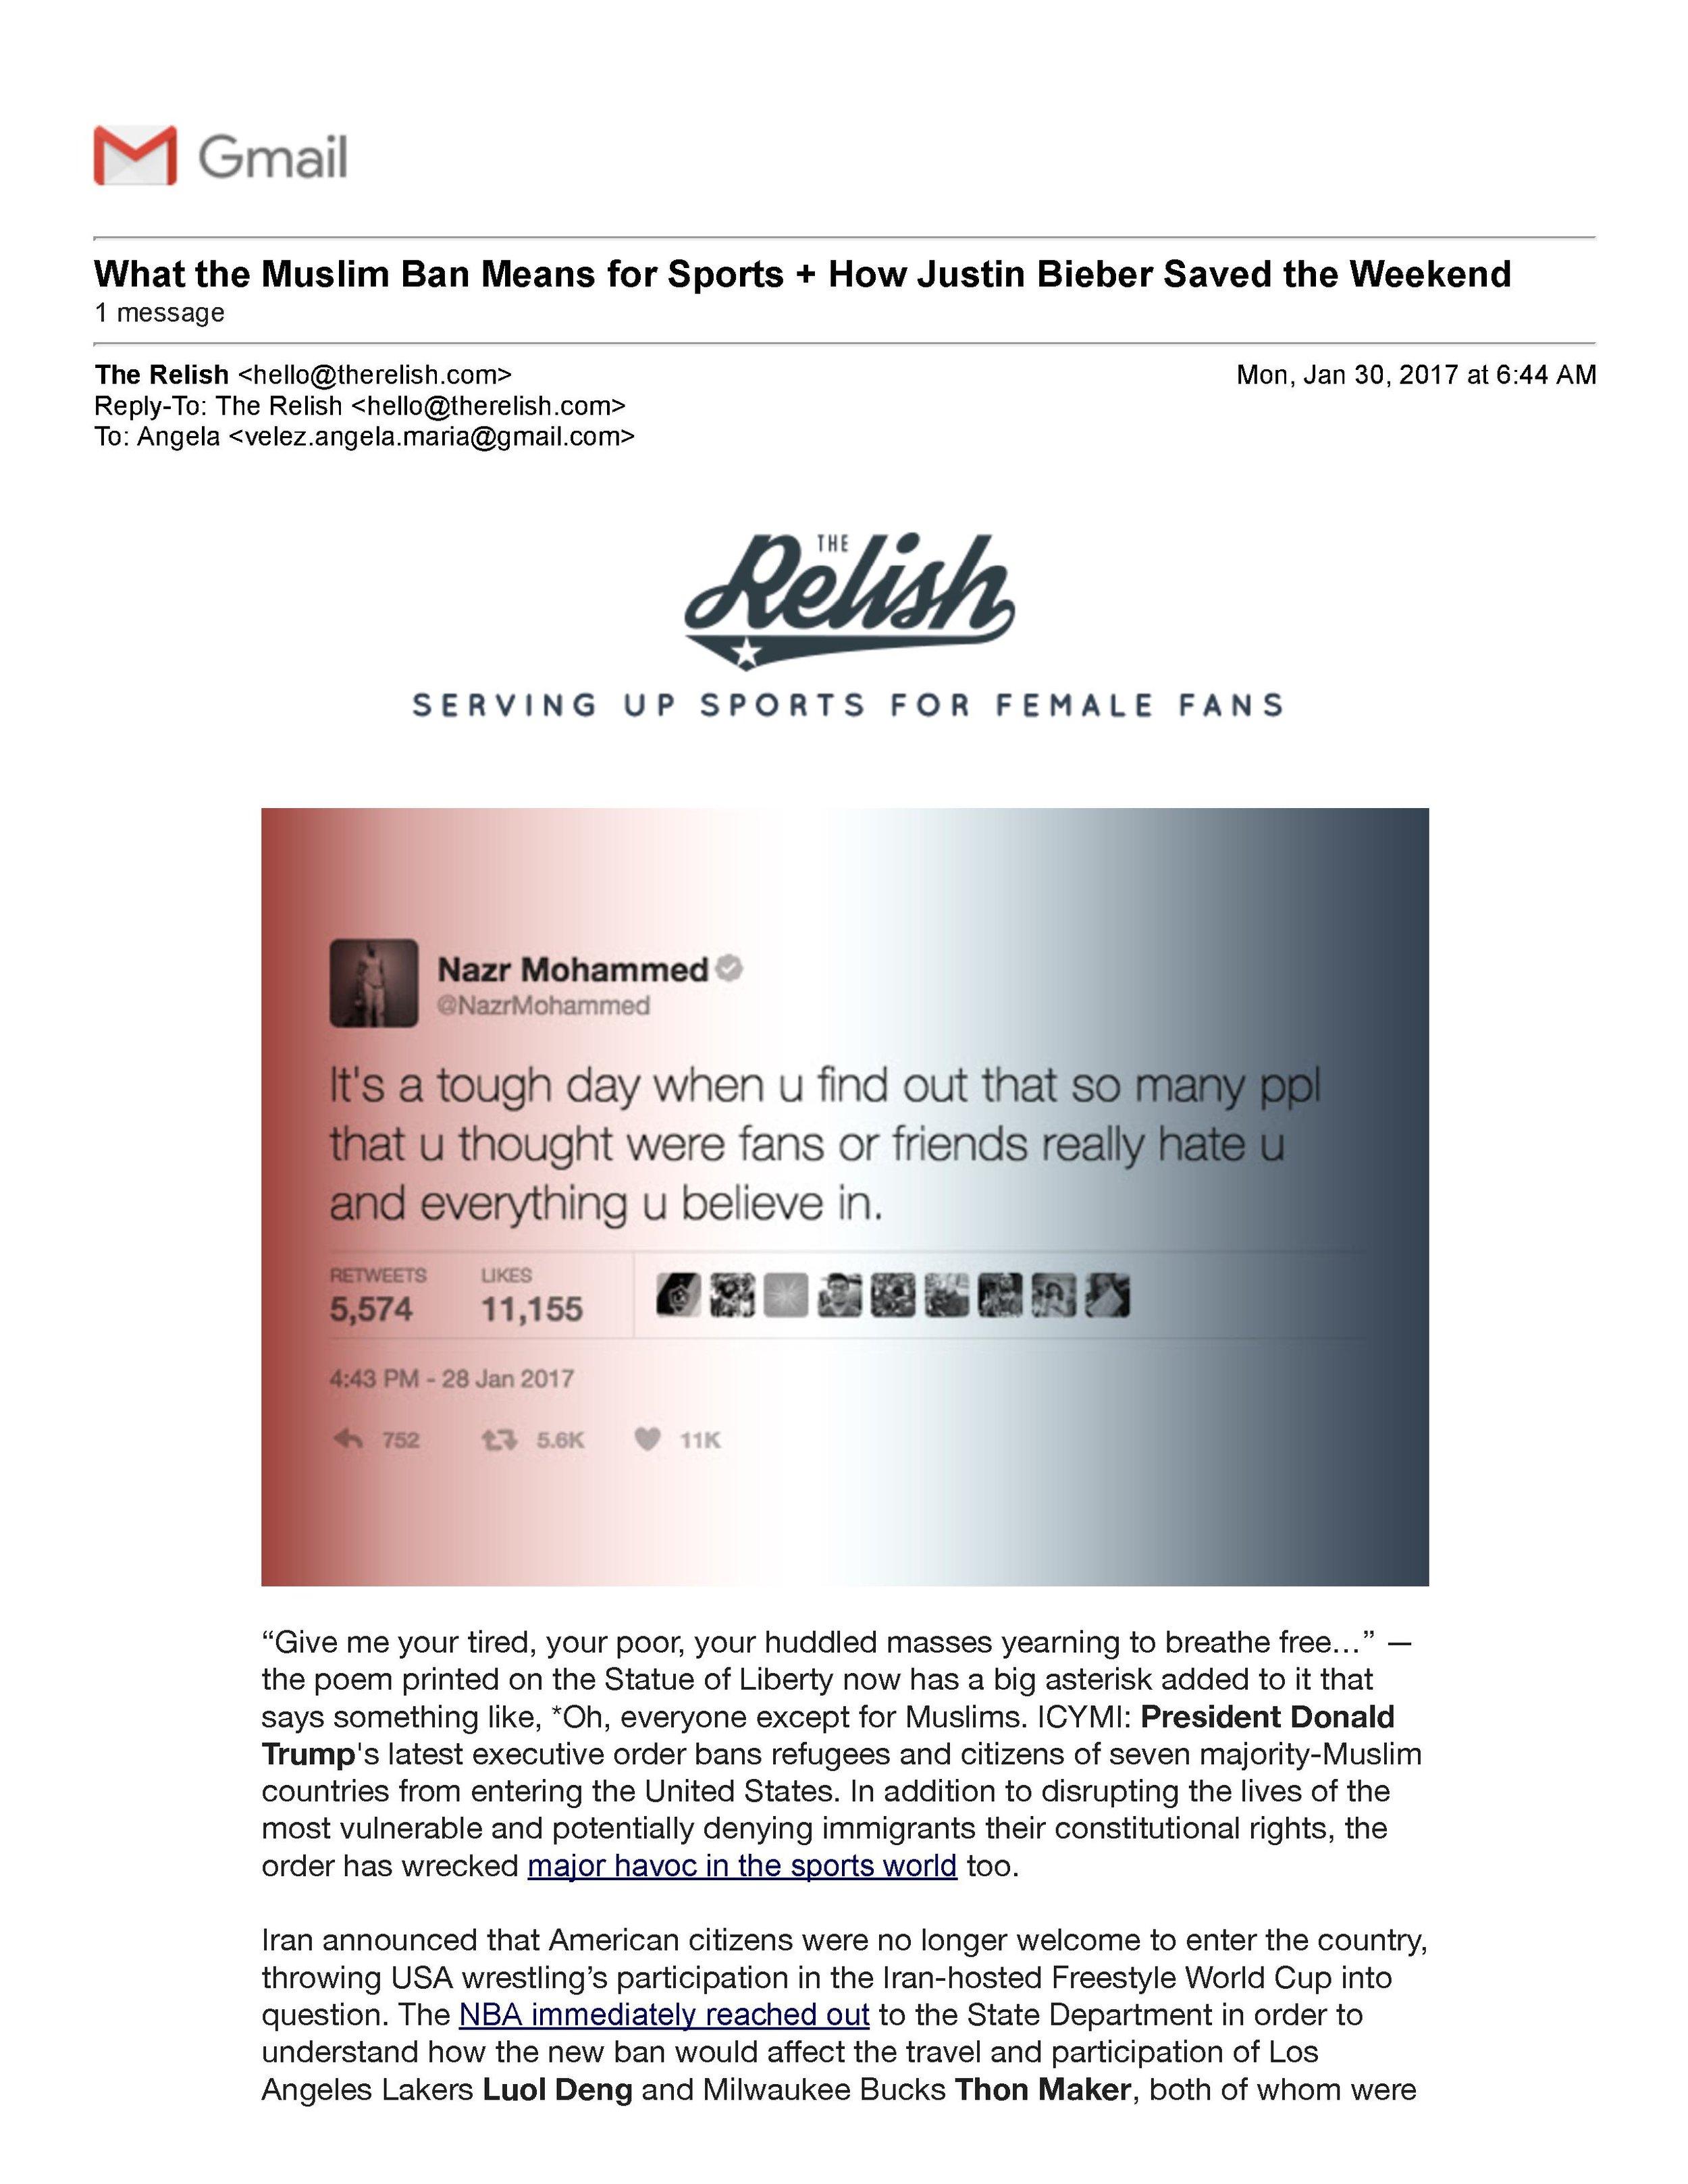 AngelaVelez_The Relish_WritingSample (1).jpg